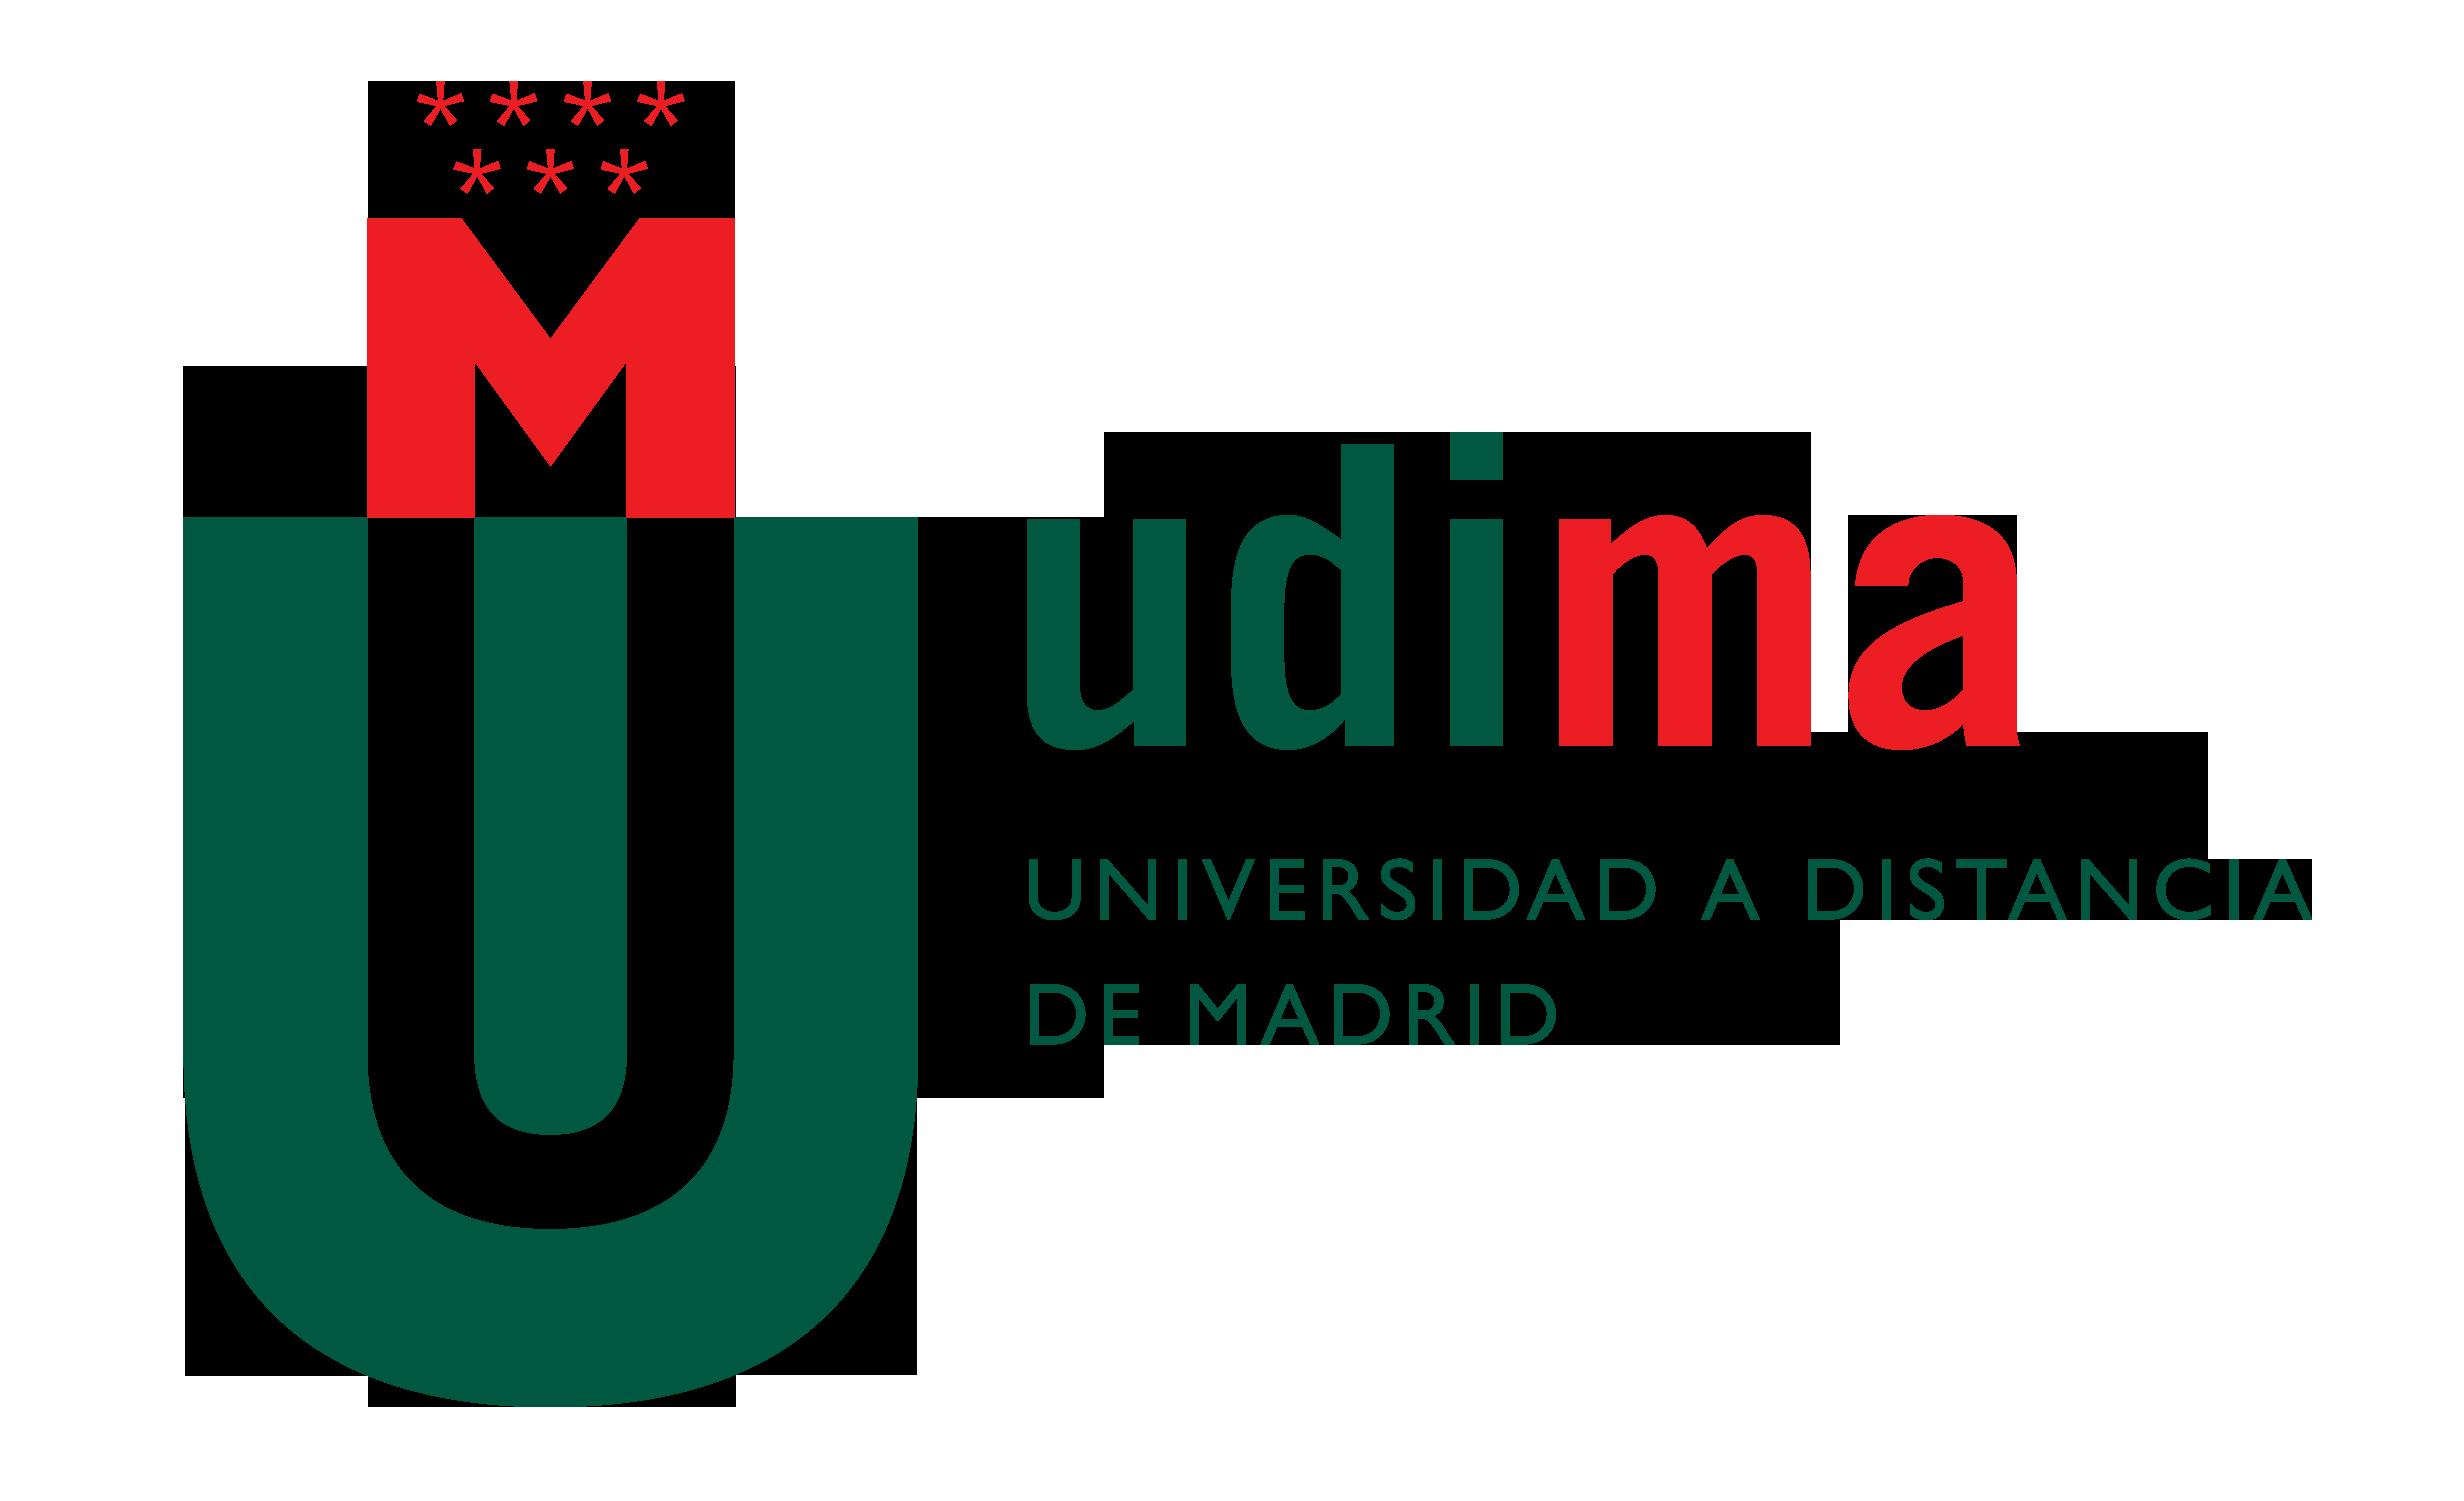 logo de la udima